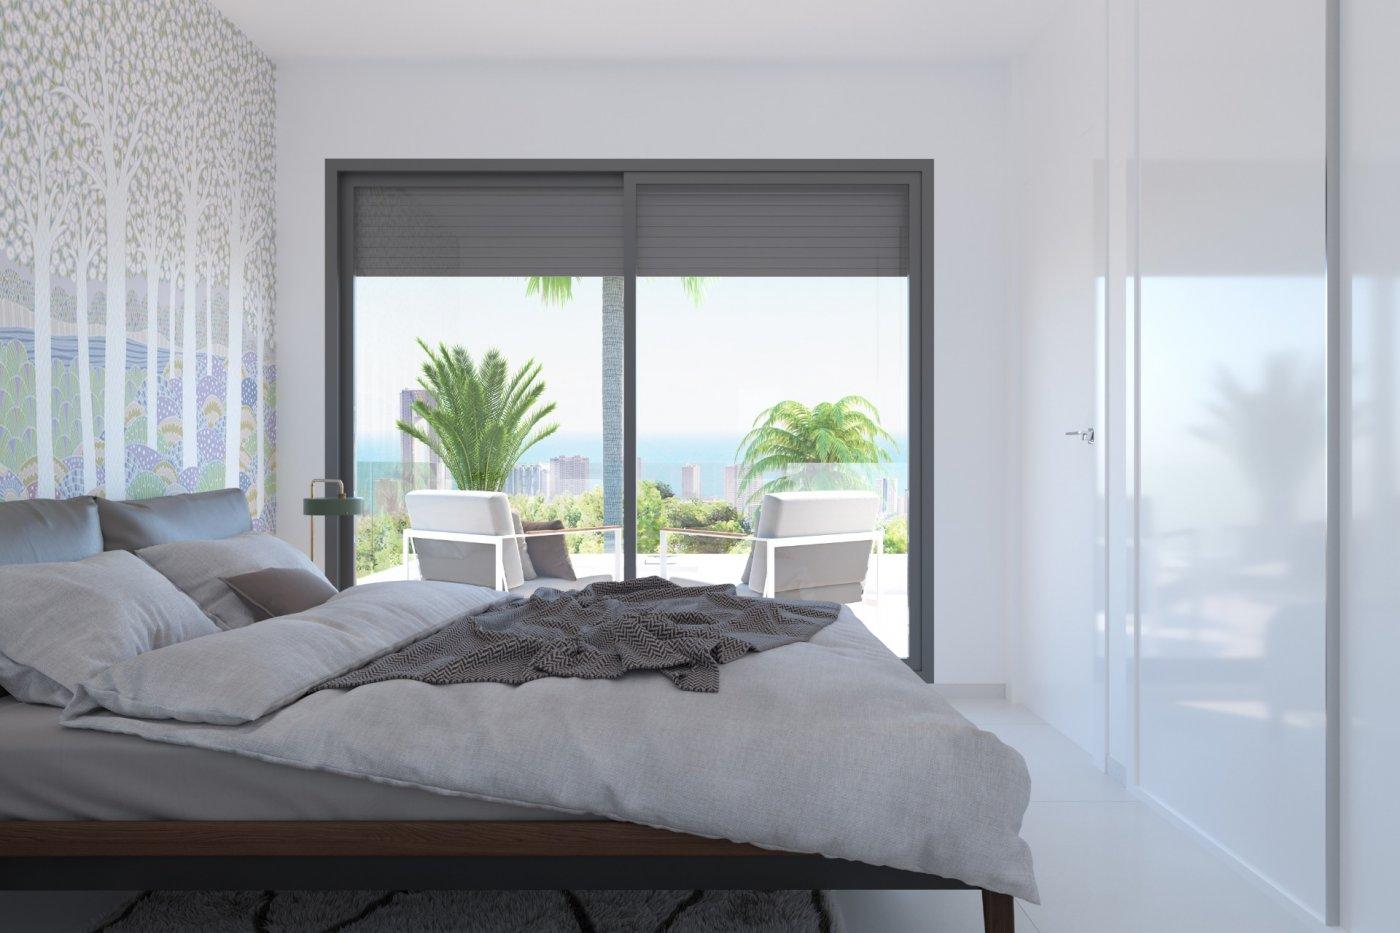 Villas modernas en sierra cortina (finestrat) a un paso de benidorm - imagenInmueble10